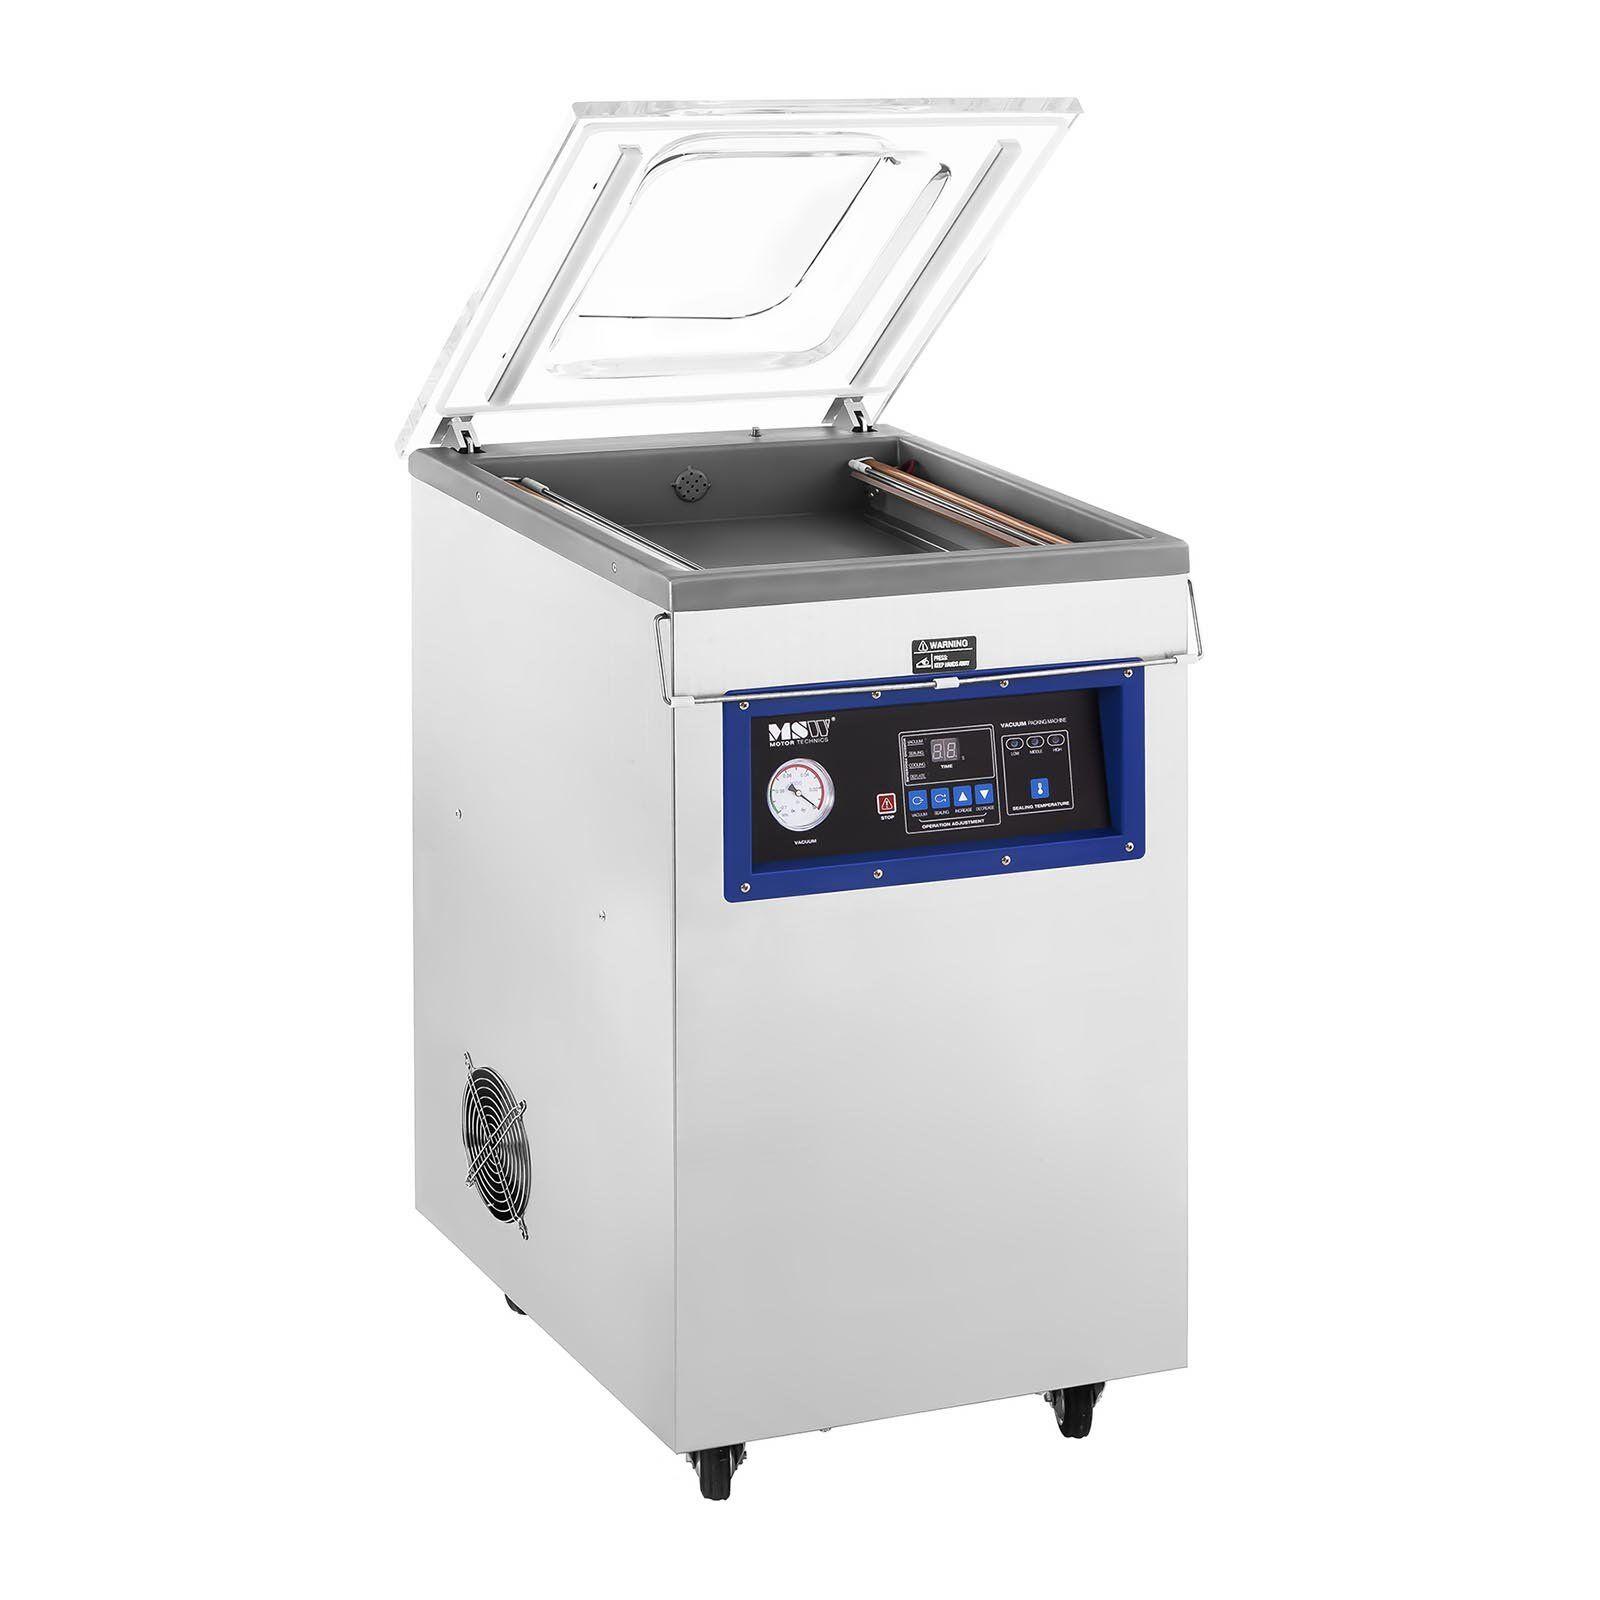 MSW Machine sous vide - sur roulettes - 900 watts MSW-VPM-900G